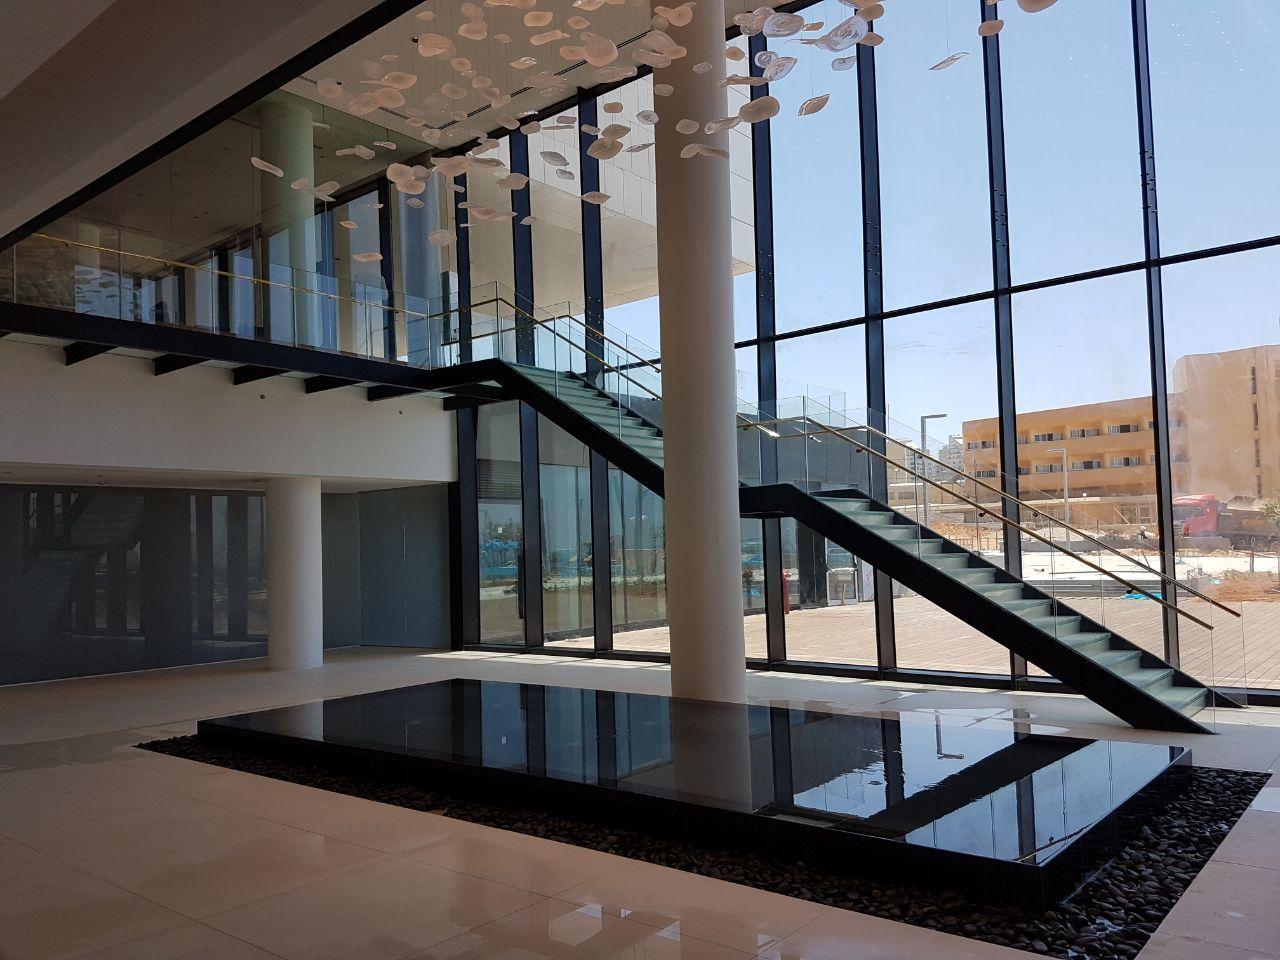 גרם מדרגות וגשר, מלון לגון, נתניה תמונה מספר 1